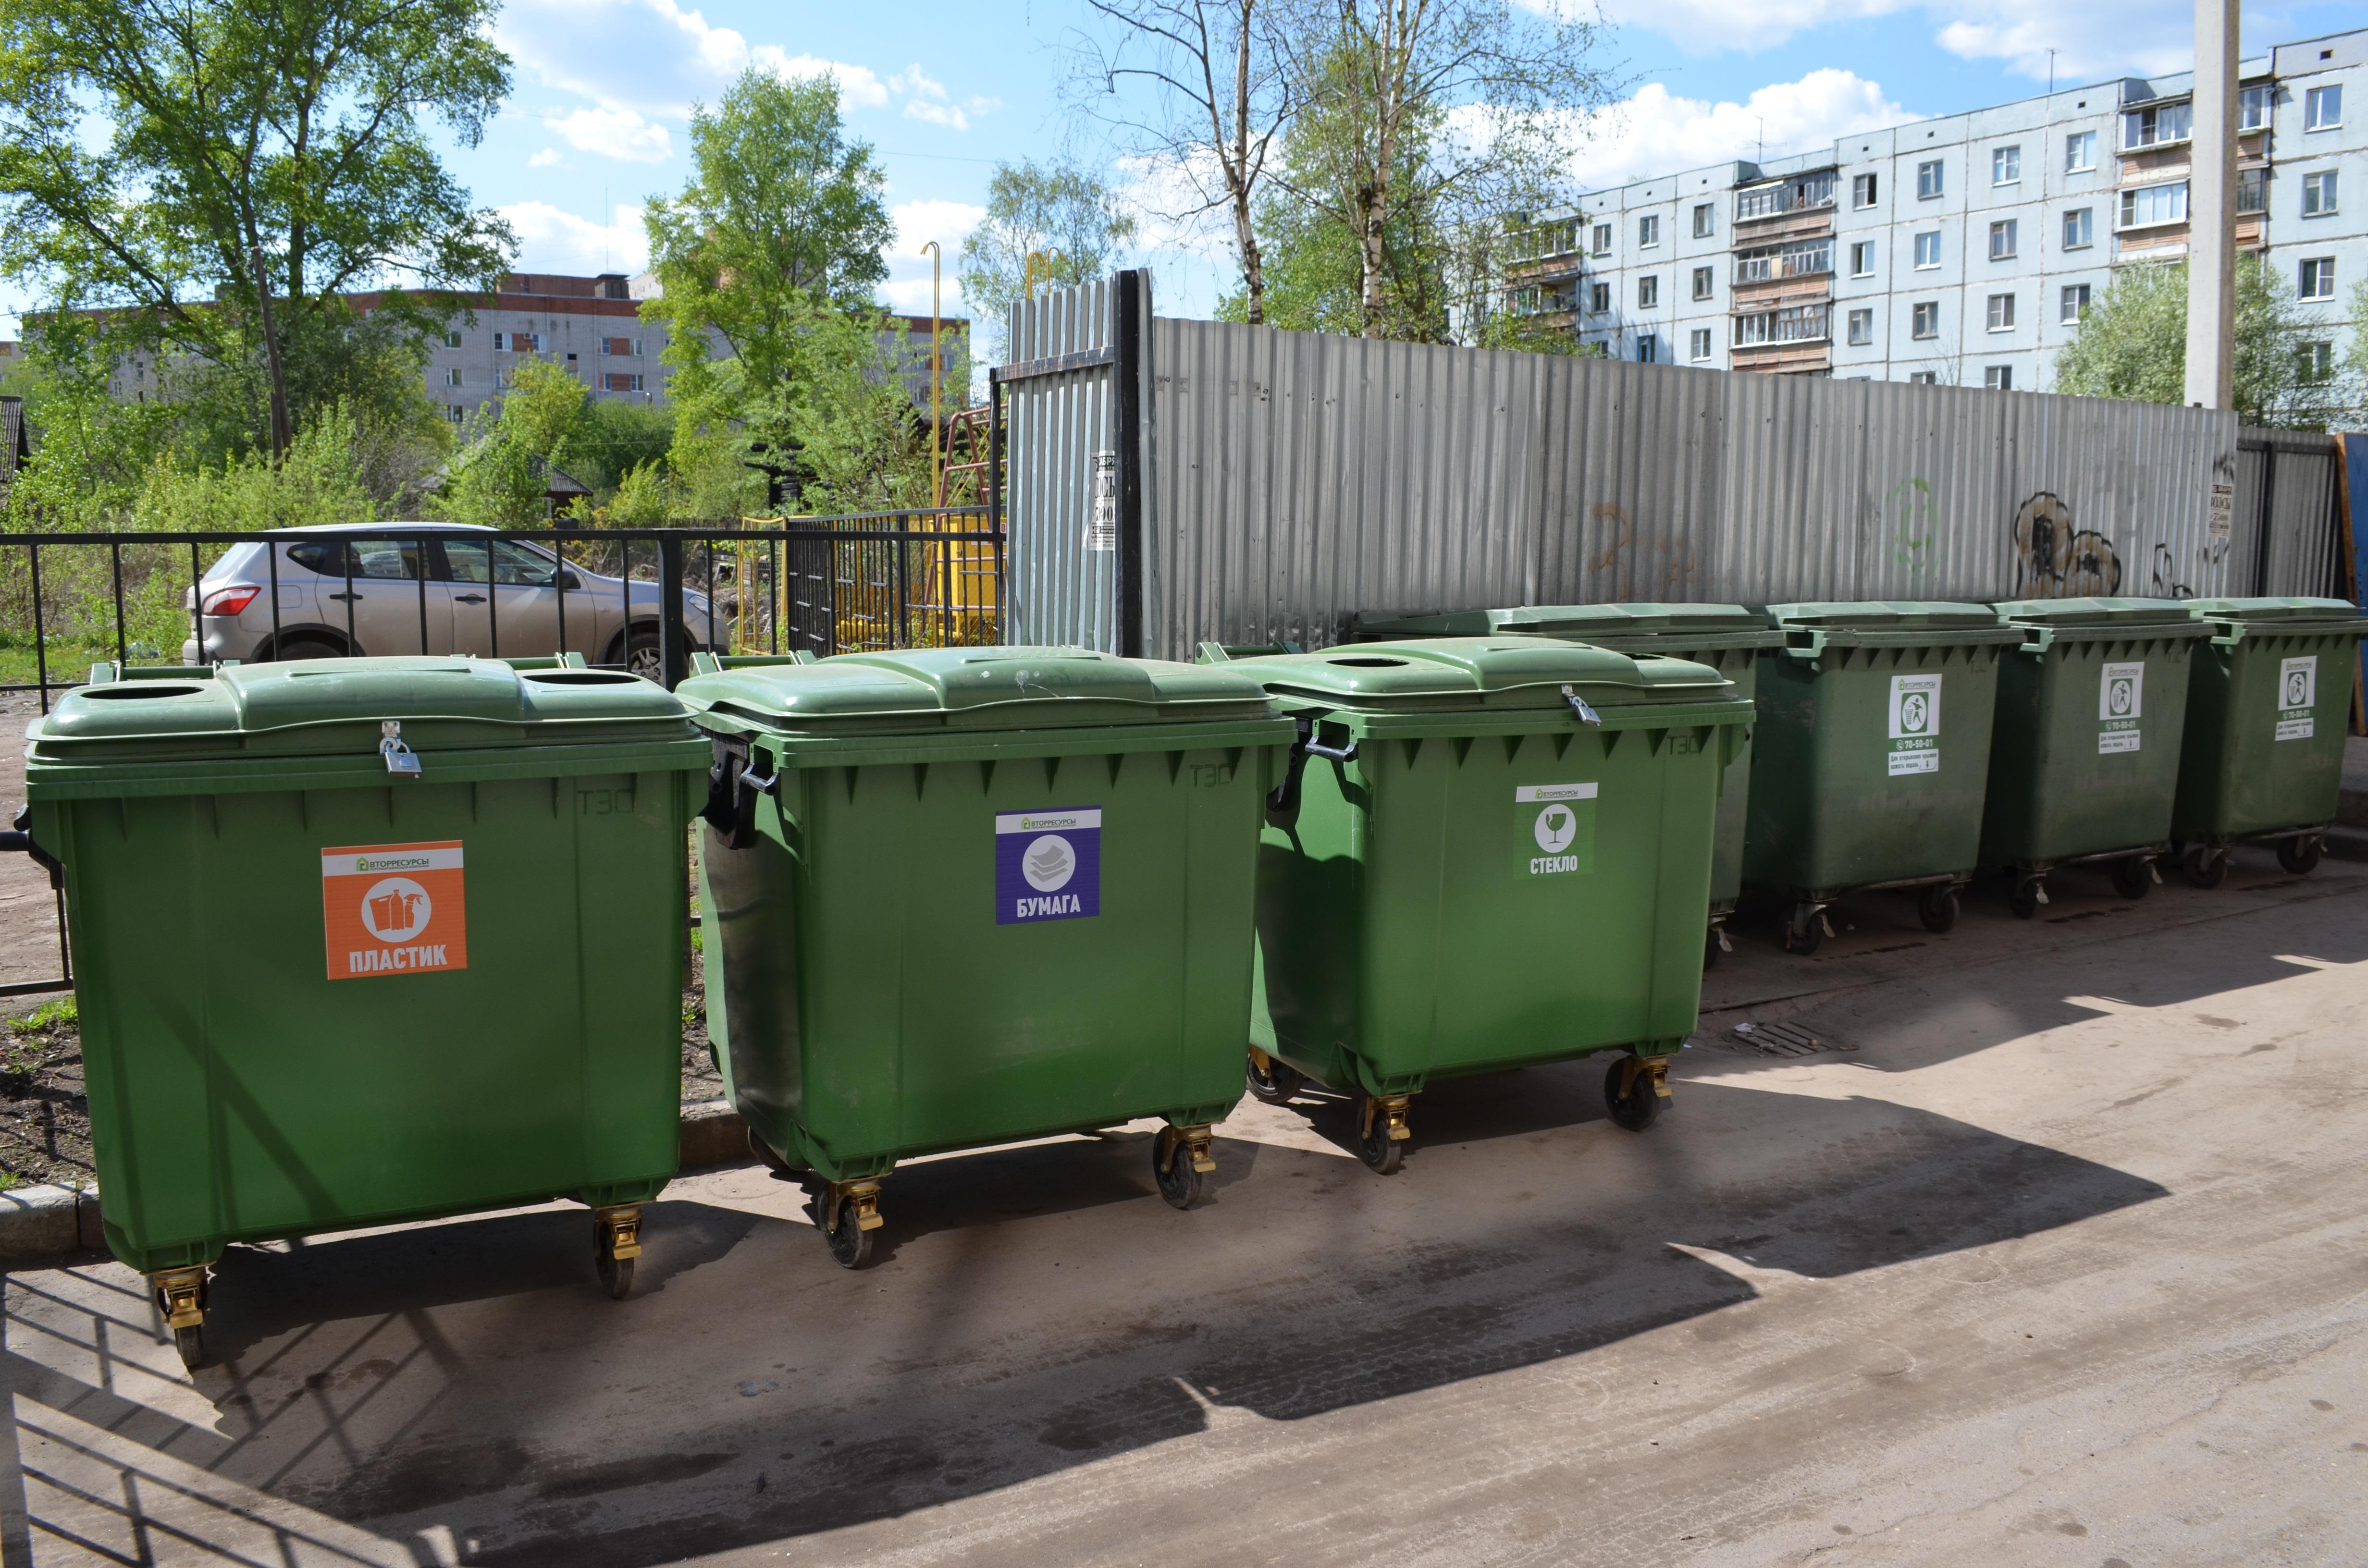 В Вологде появилась интерактивная карта с местами раздельного сбора мусора